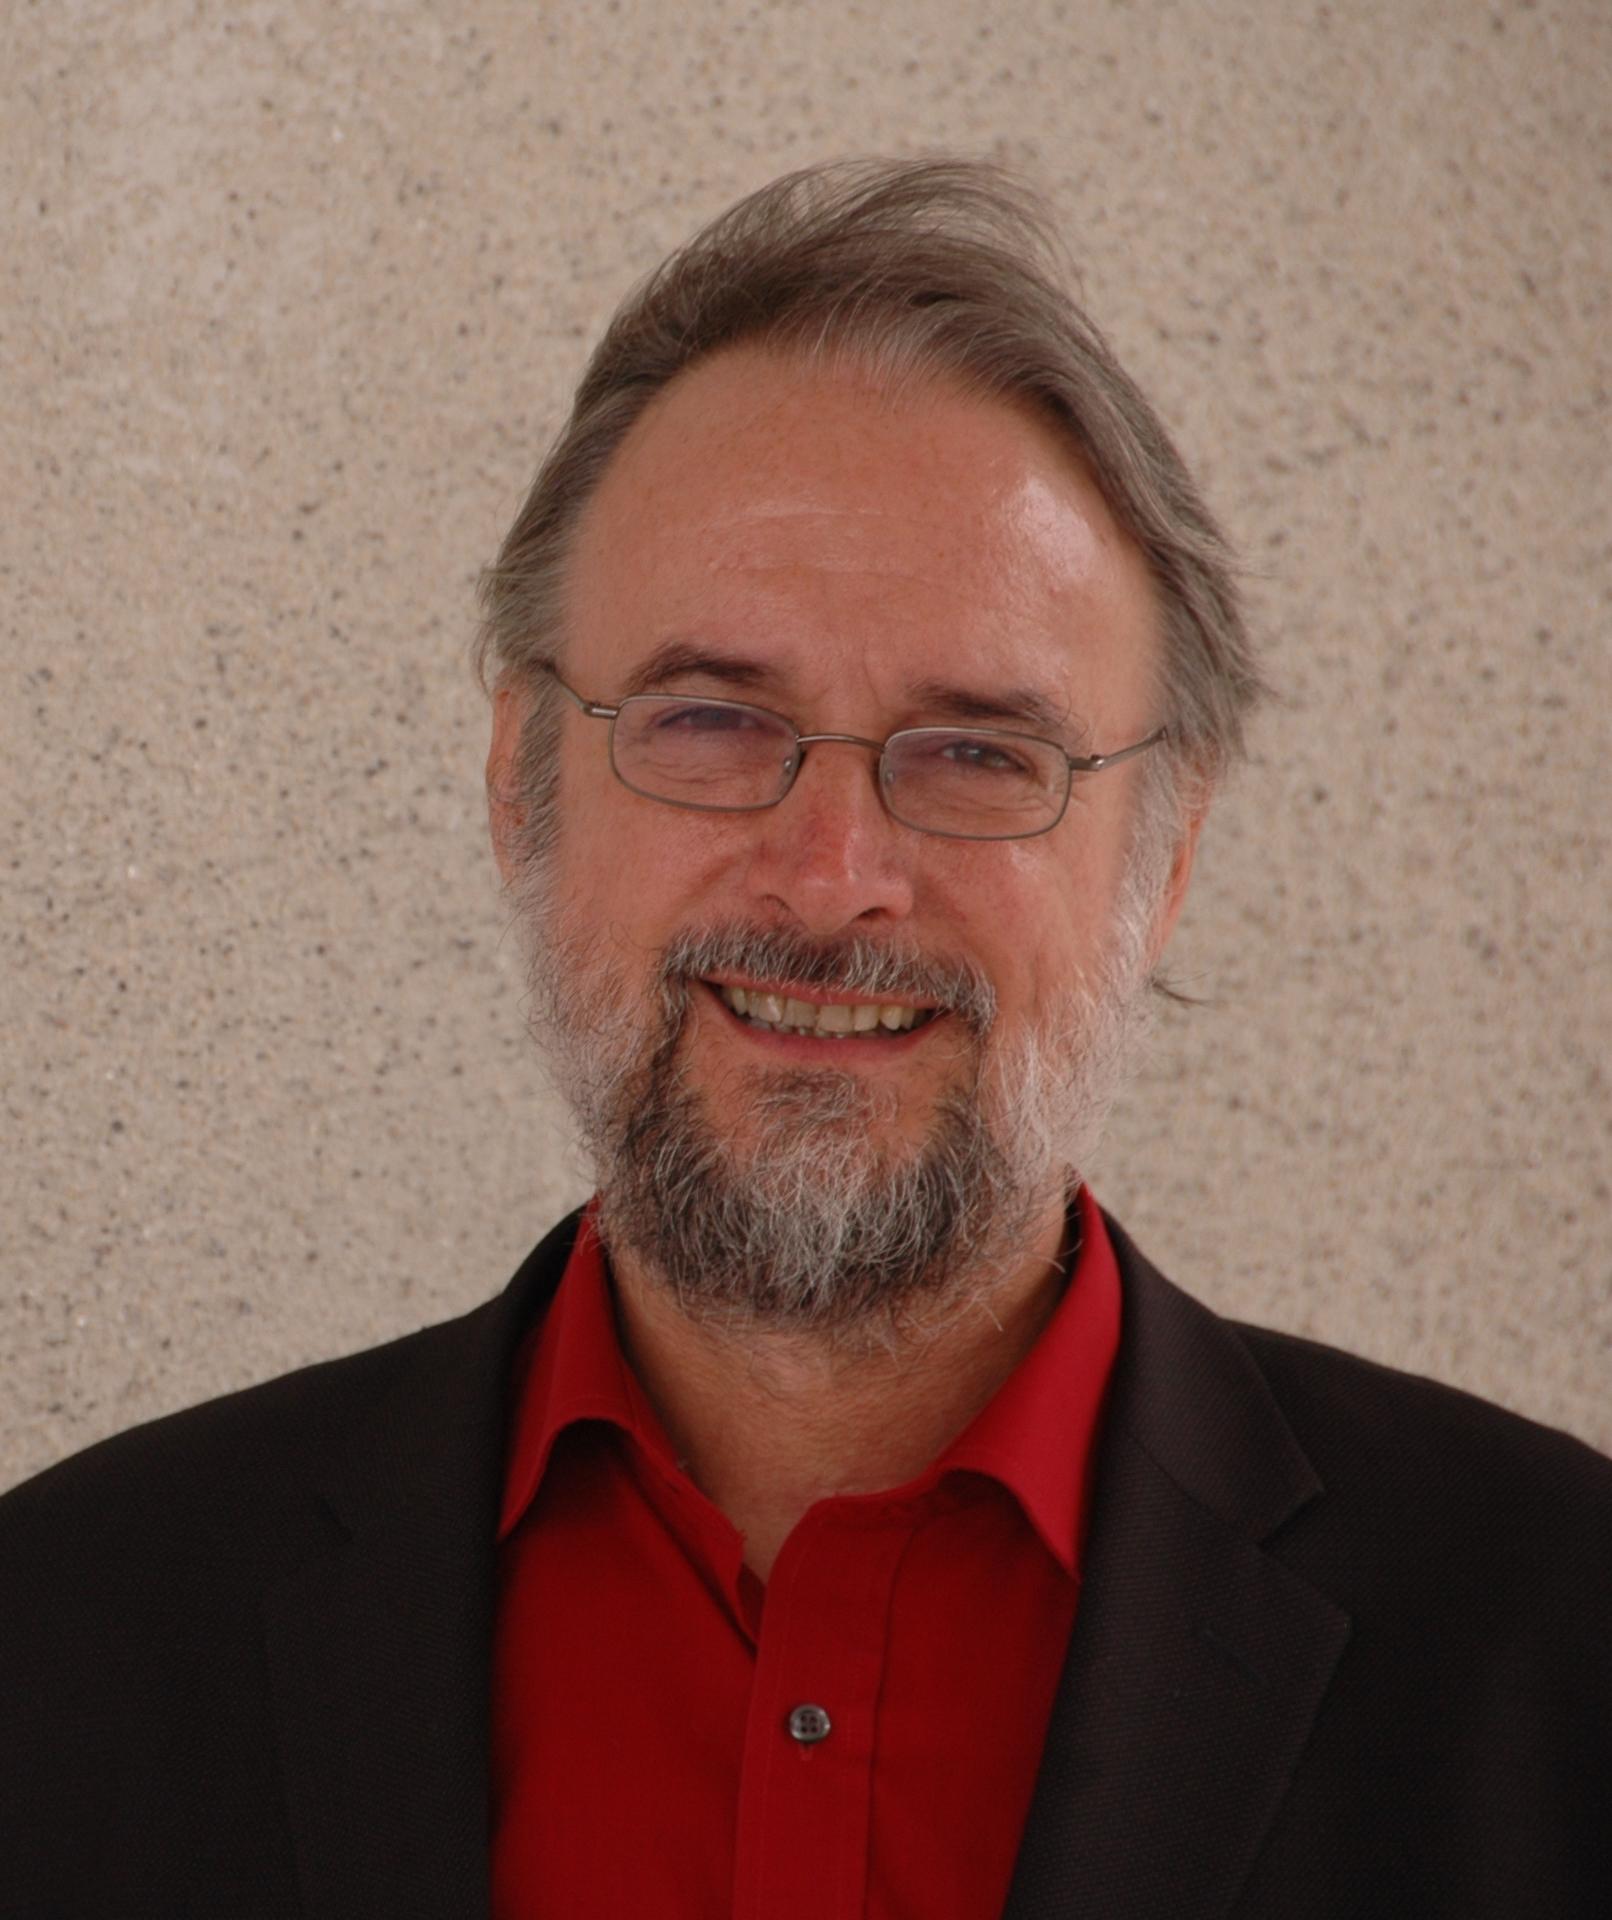 Der deutsche Elektrotechnik-Ingenieur und Mathematiker Karlheinz Brandenburg ist einer der maßgeblichen Entwickler des MP3-Verfahrens.